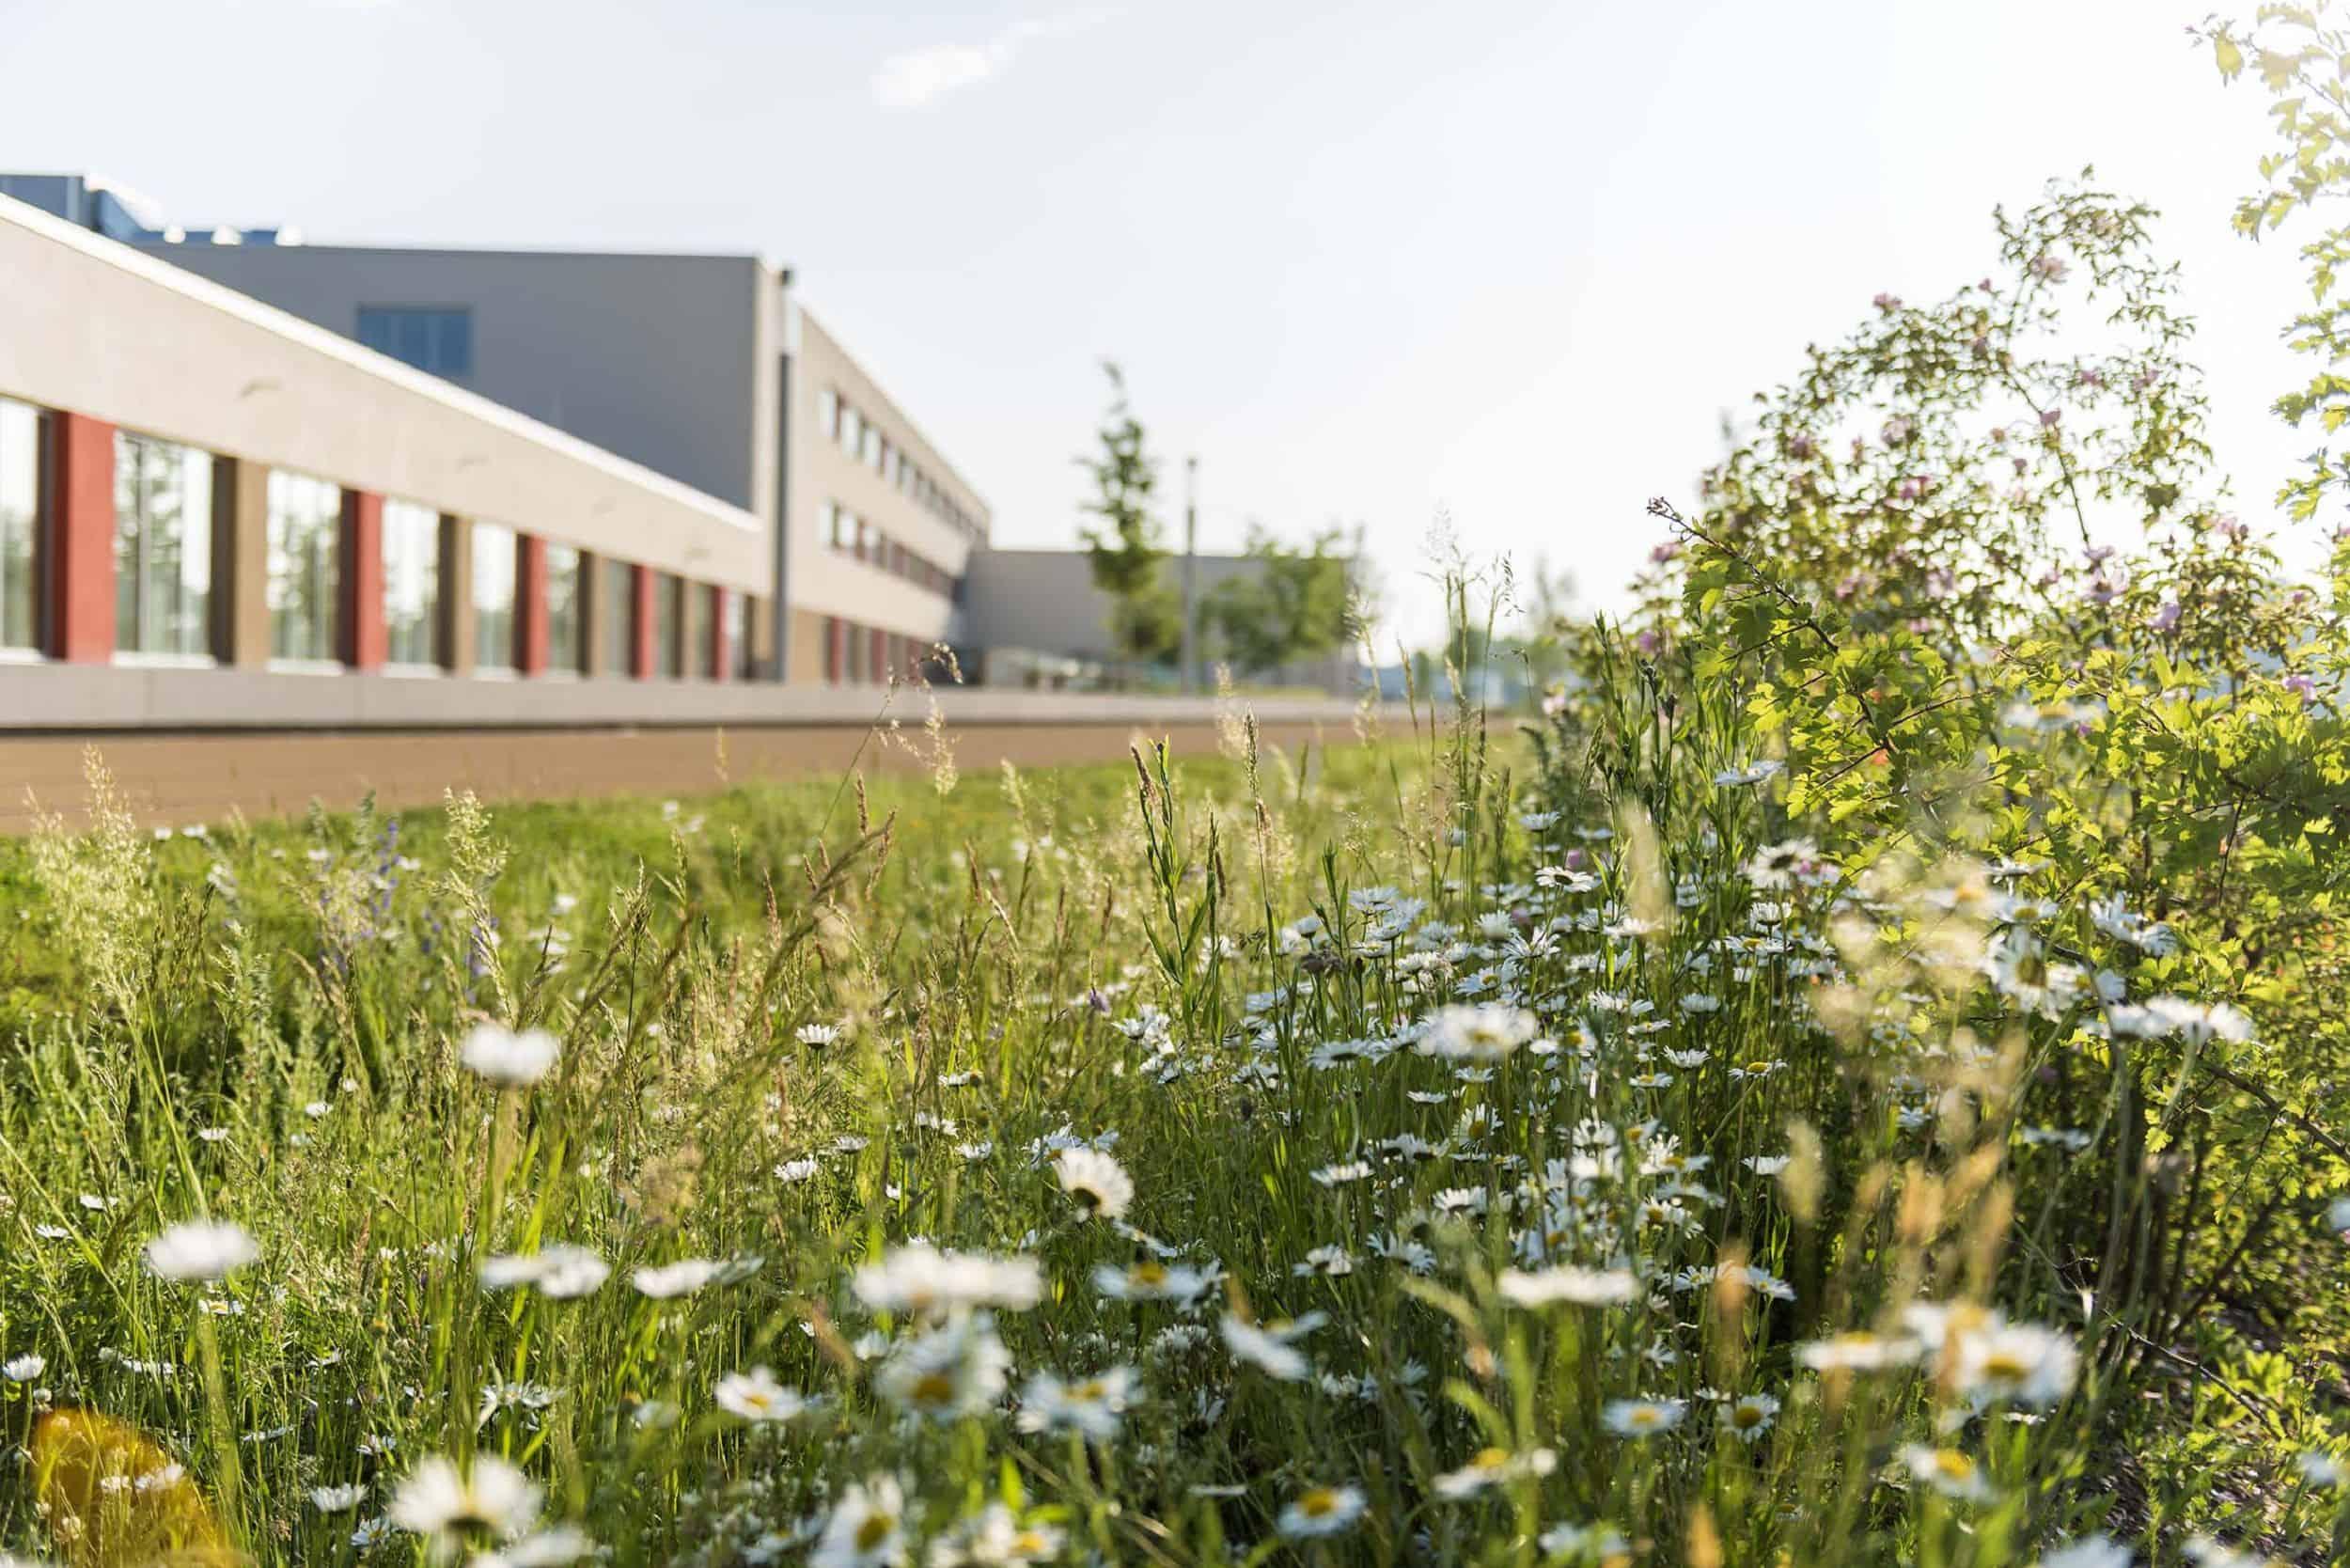 Bild: Das an die Schule angrenzende Biotop, Foto: Johann Hinrichs Photography